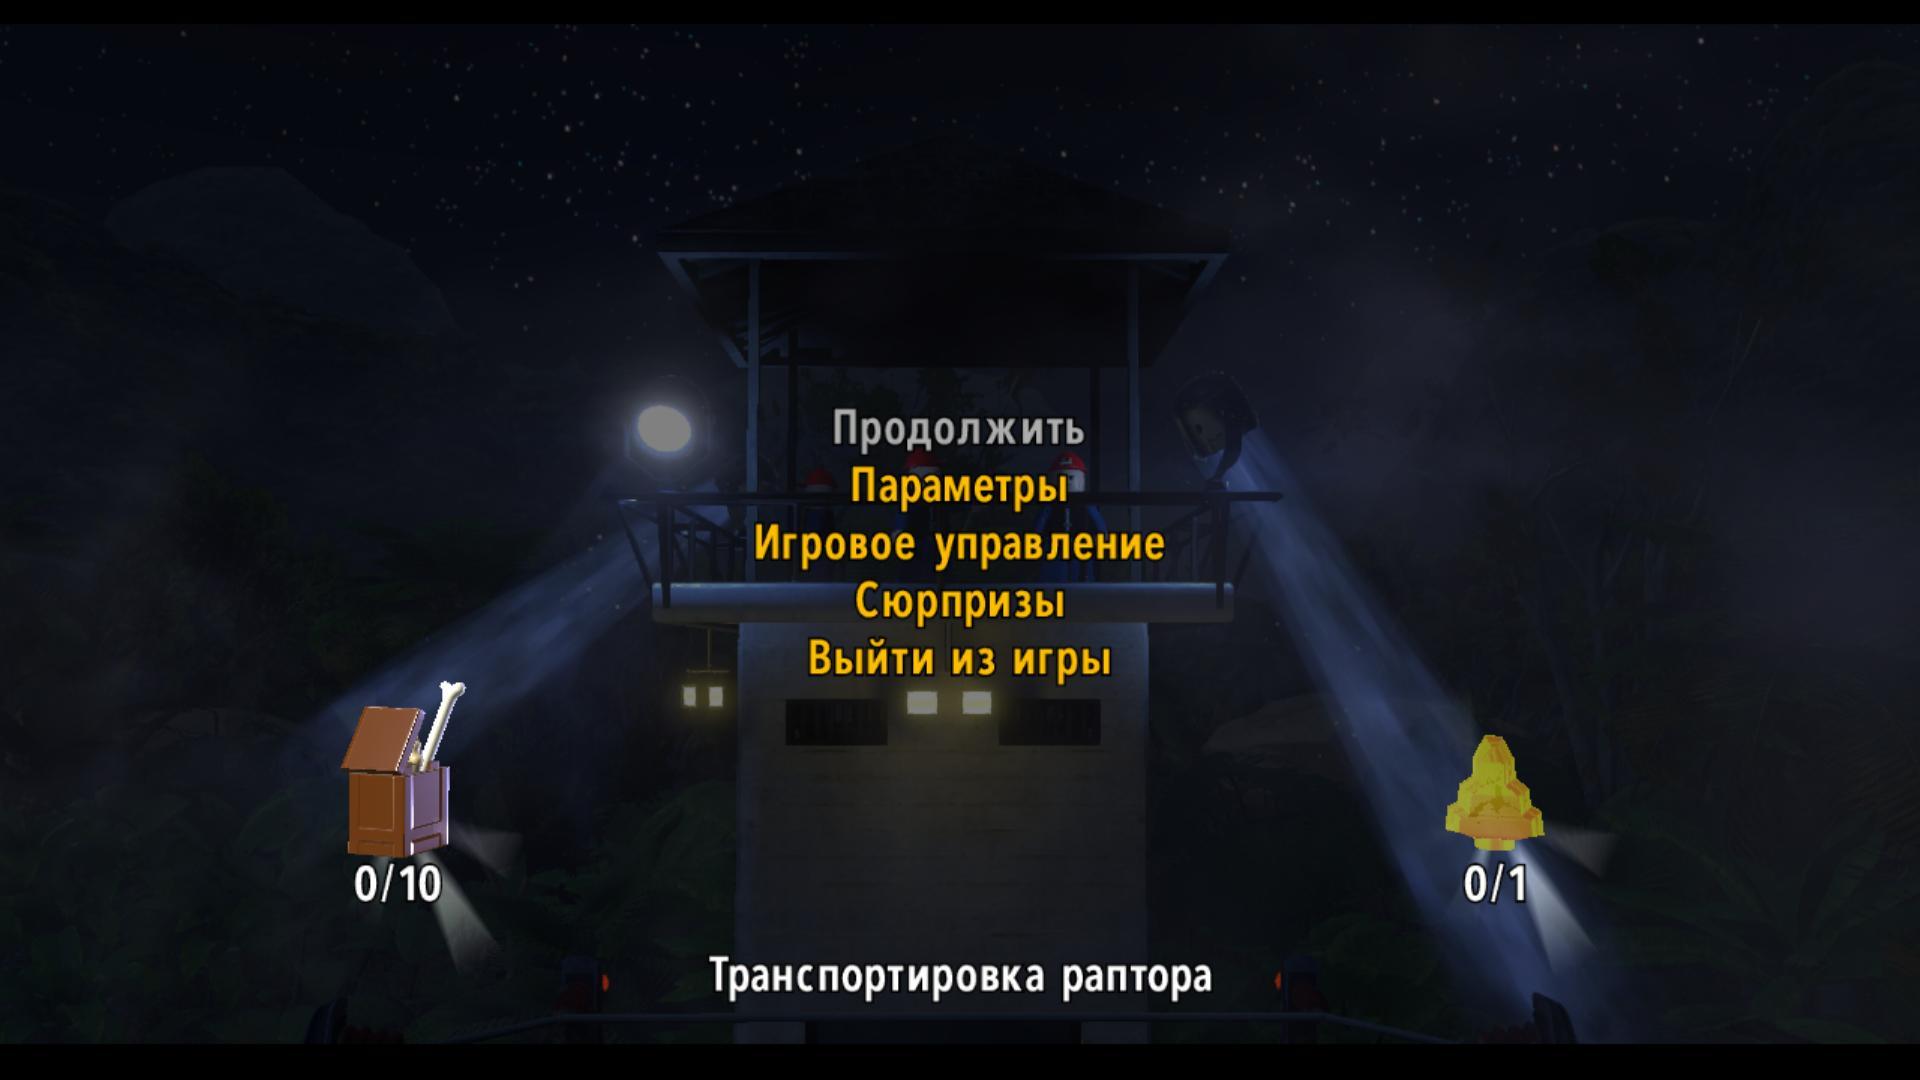 https://img-fotki.yandex.ru/get/4614/130290421.3/0_1130ed_46fcb884_orig.jpg